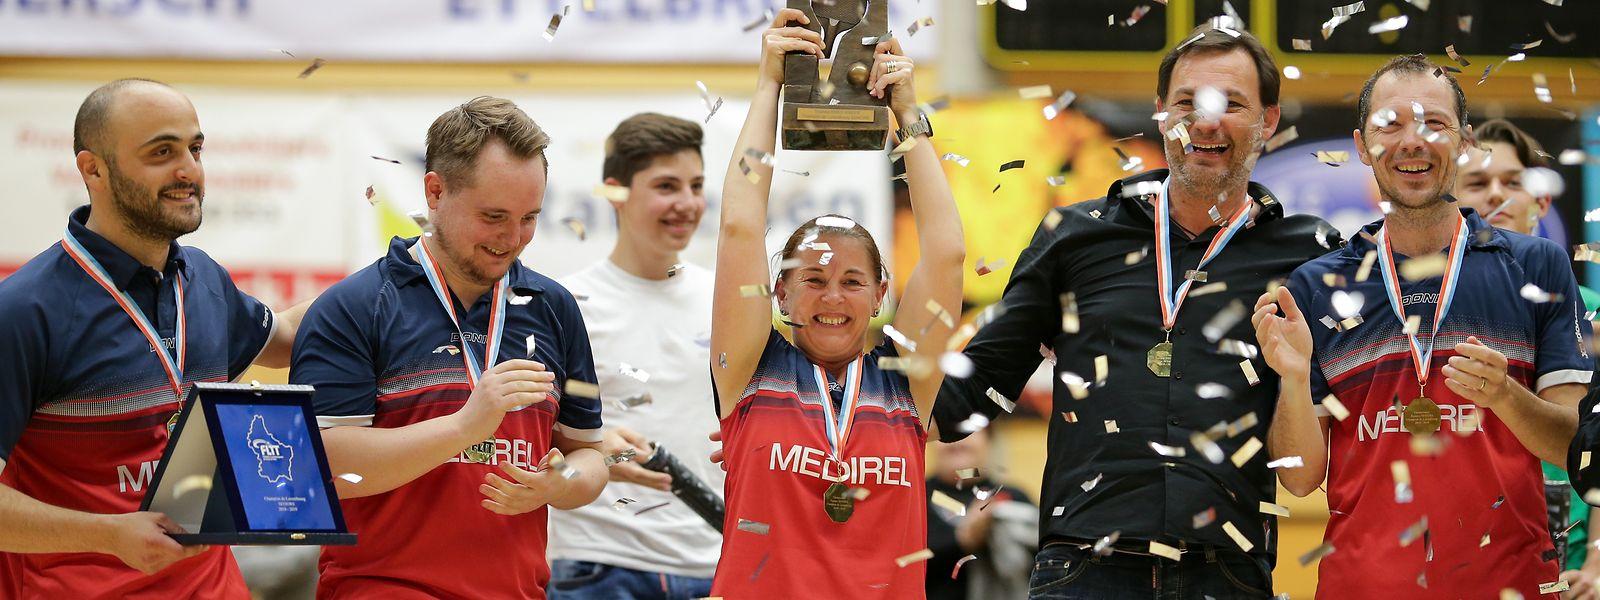 Mittendrin, statt nur dabei: Im Meisterschaftsfinale 2019 spielt Bianca Bauer mit. Am Ende jubelt sie mit Fabio Santomauro, Gilles Michely, Trainern Steve Goetzinger und Zoltan Fejer-Konnerth (v.l.n.r.) mit dem Pokal.